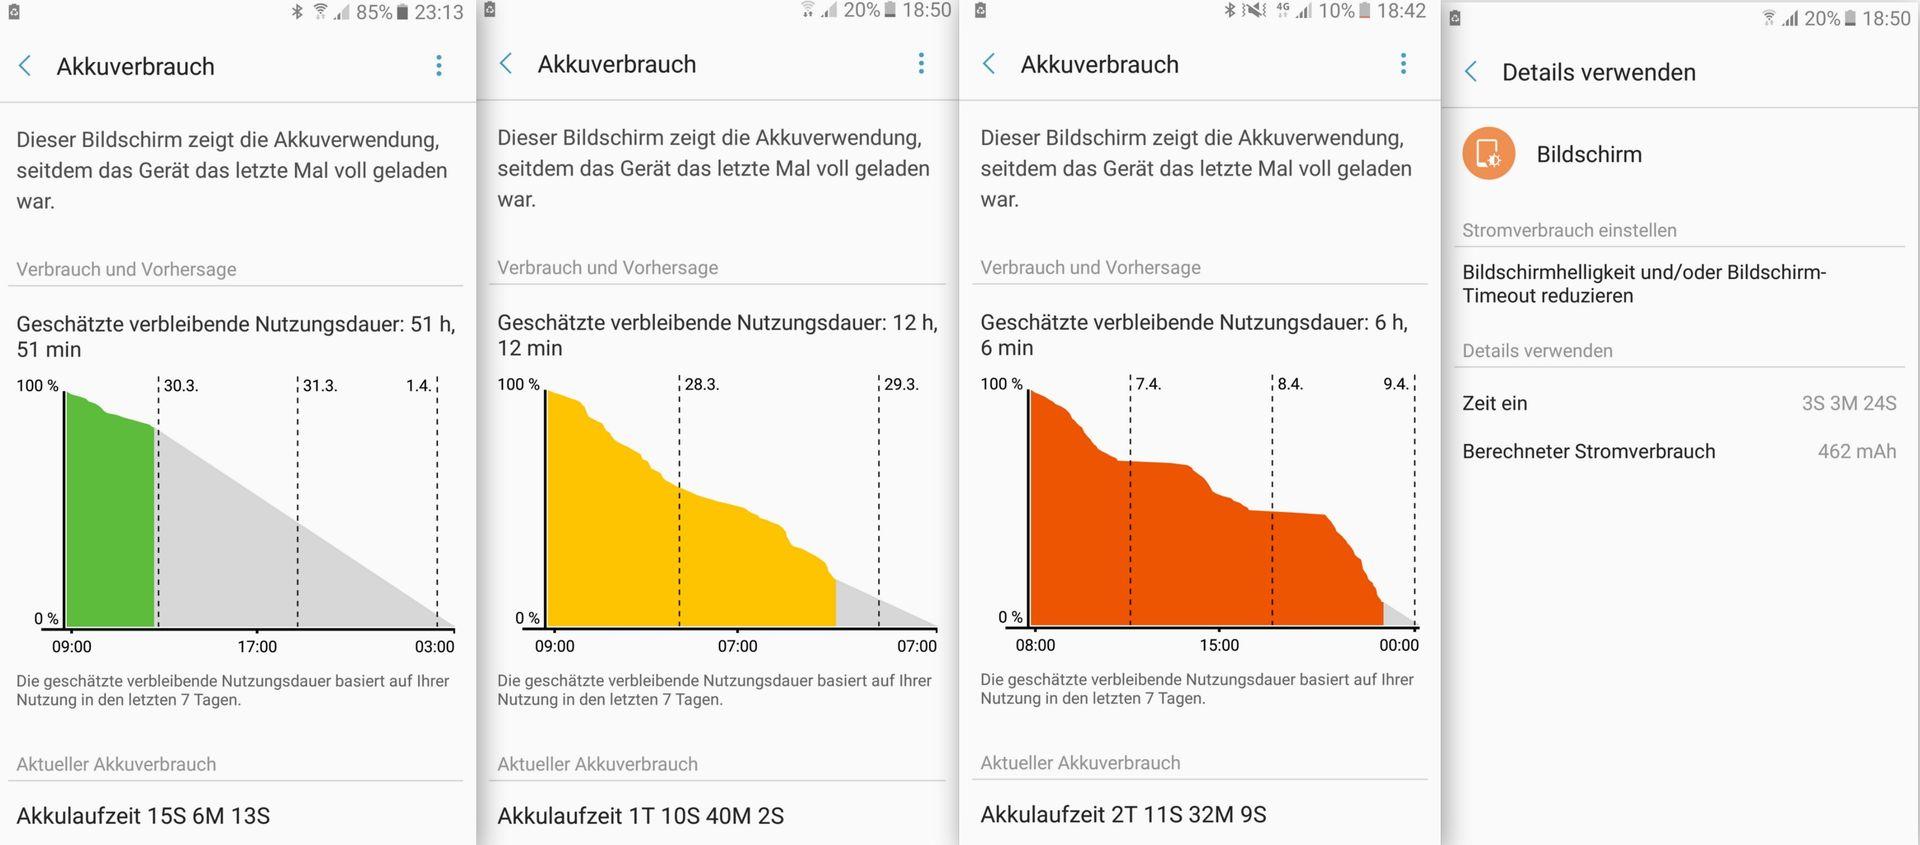 Akku Power Samsung Galaxy A5 - SmartTechNews